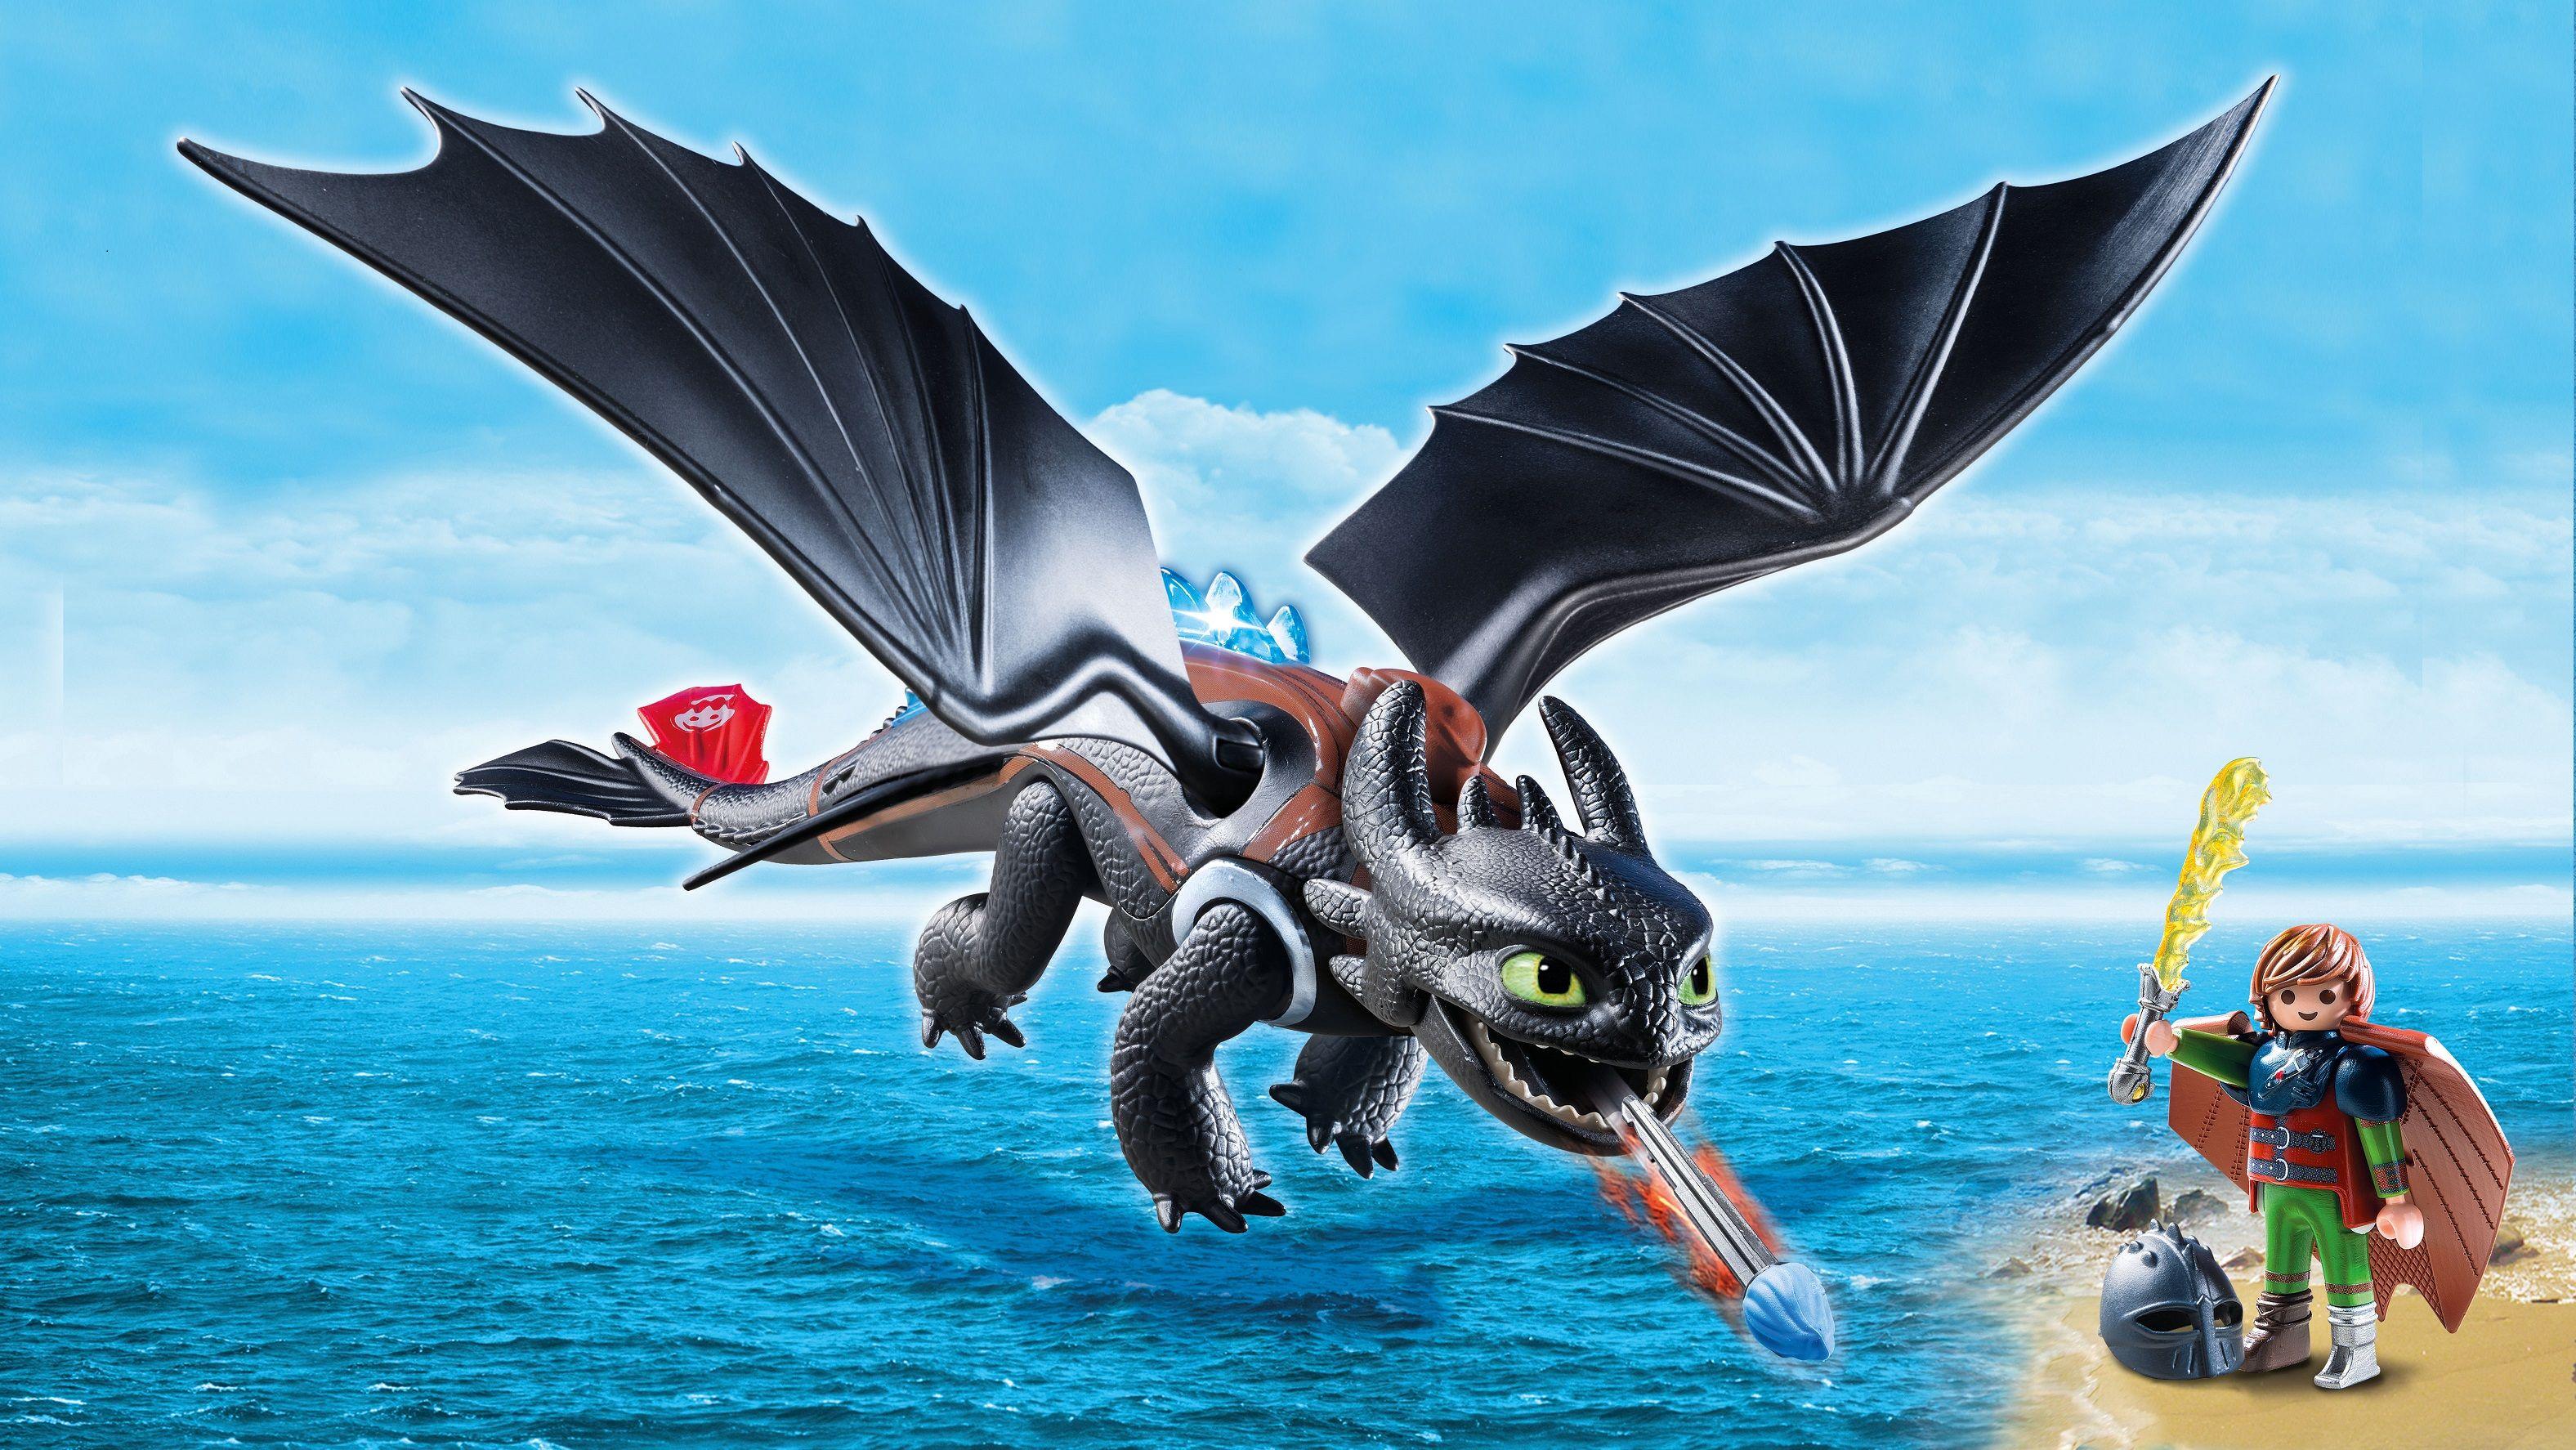 Playmobil Dragons Hicks Und Ohnezahn Hicks Und Ohnezahn Playmobil Dreamworks Dragons